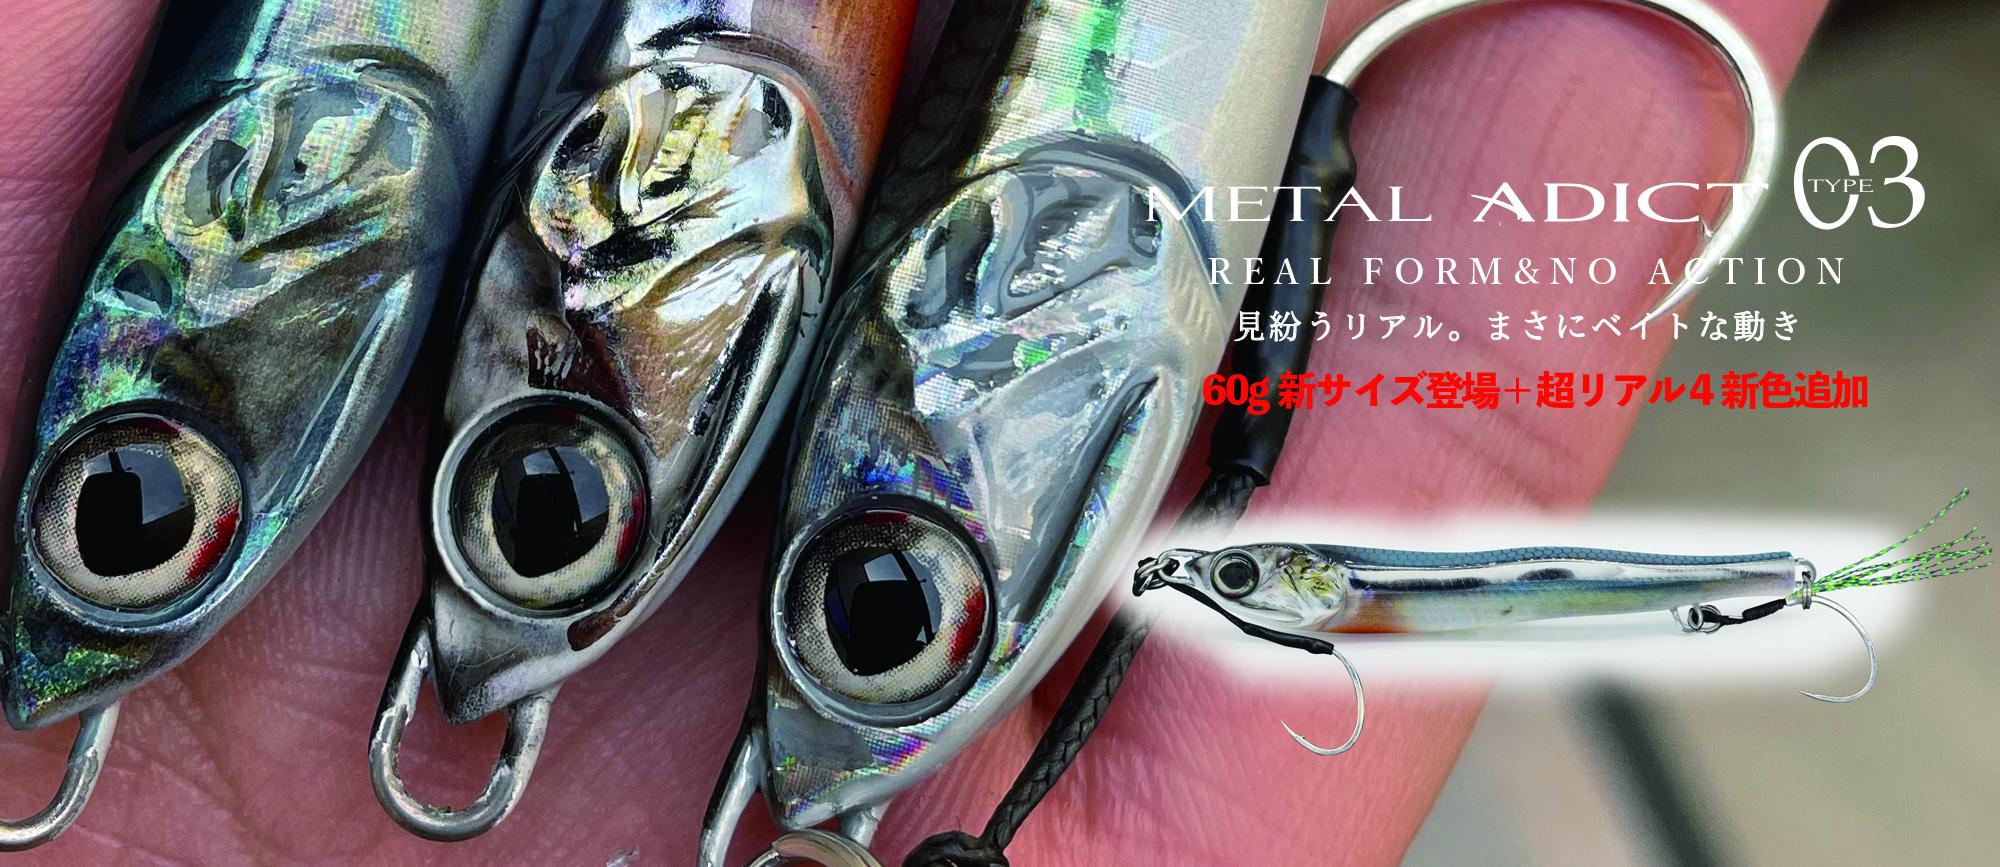 Metal Adict-03 60g